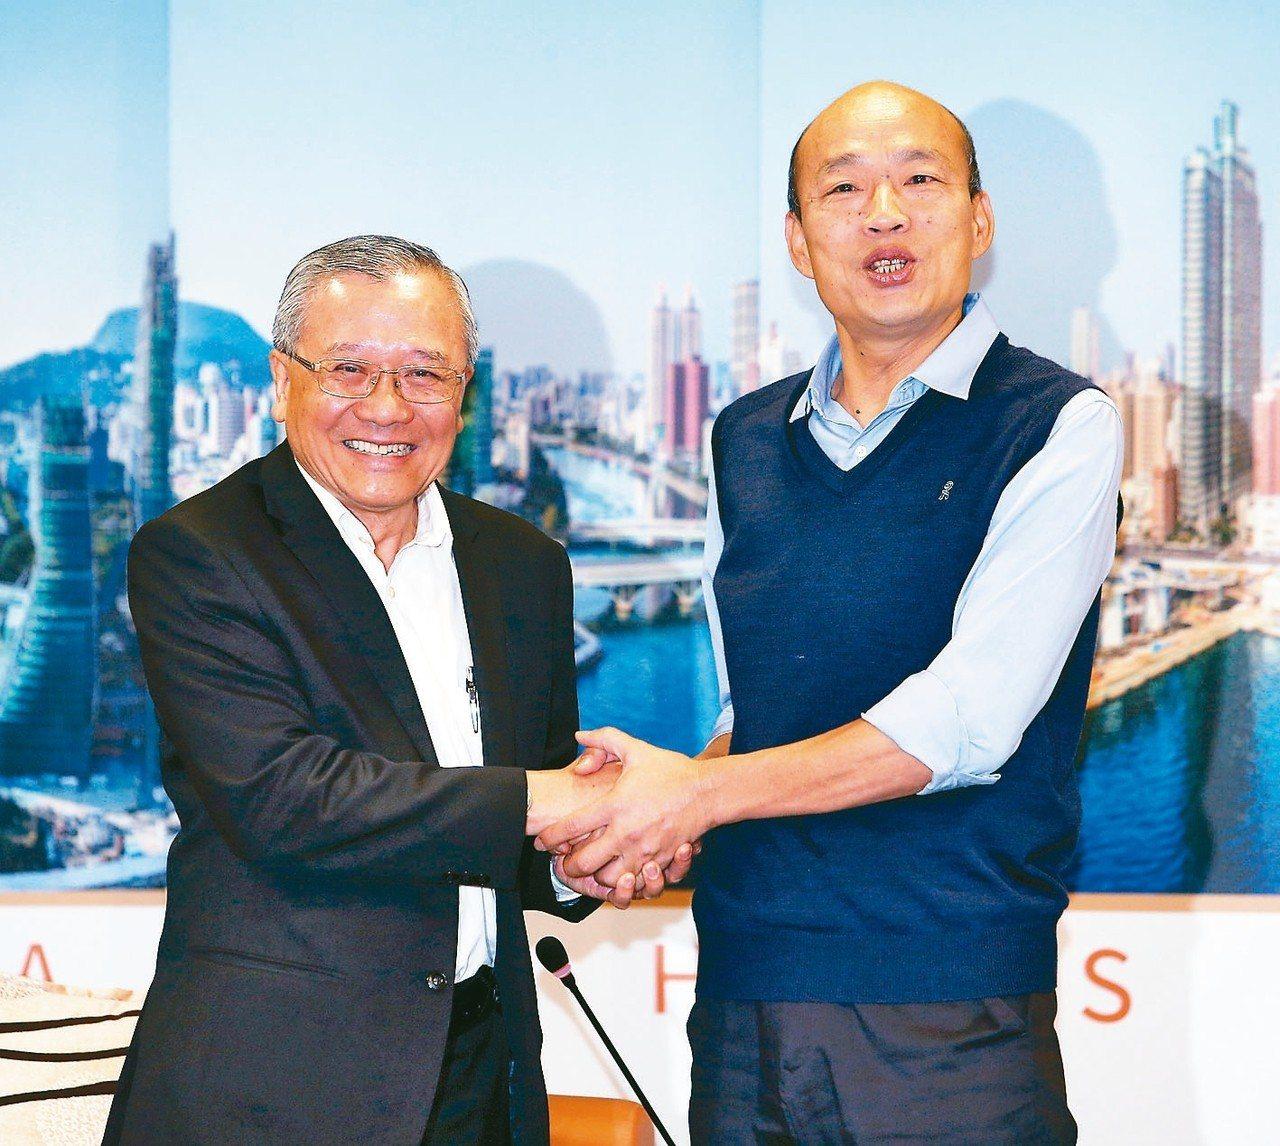 高雄市長韓國瑜(右)表示,若陳其邁確定接政院副院長,一定會大力幫助高雄。 記者劉...